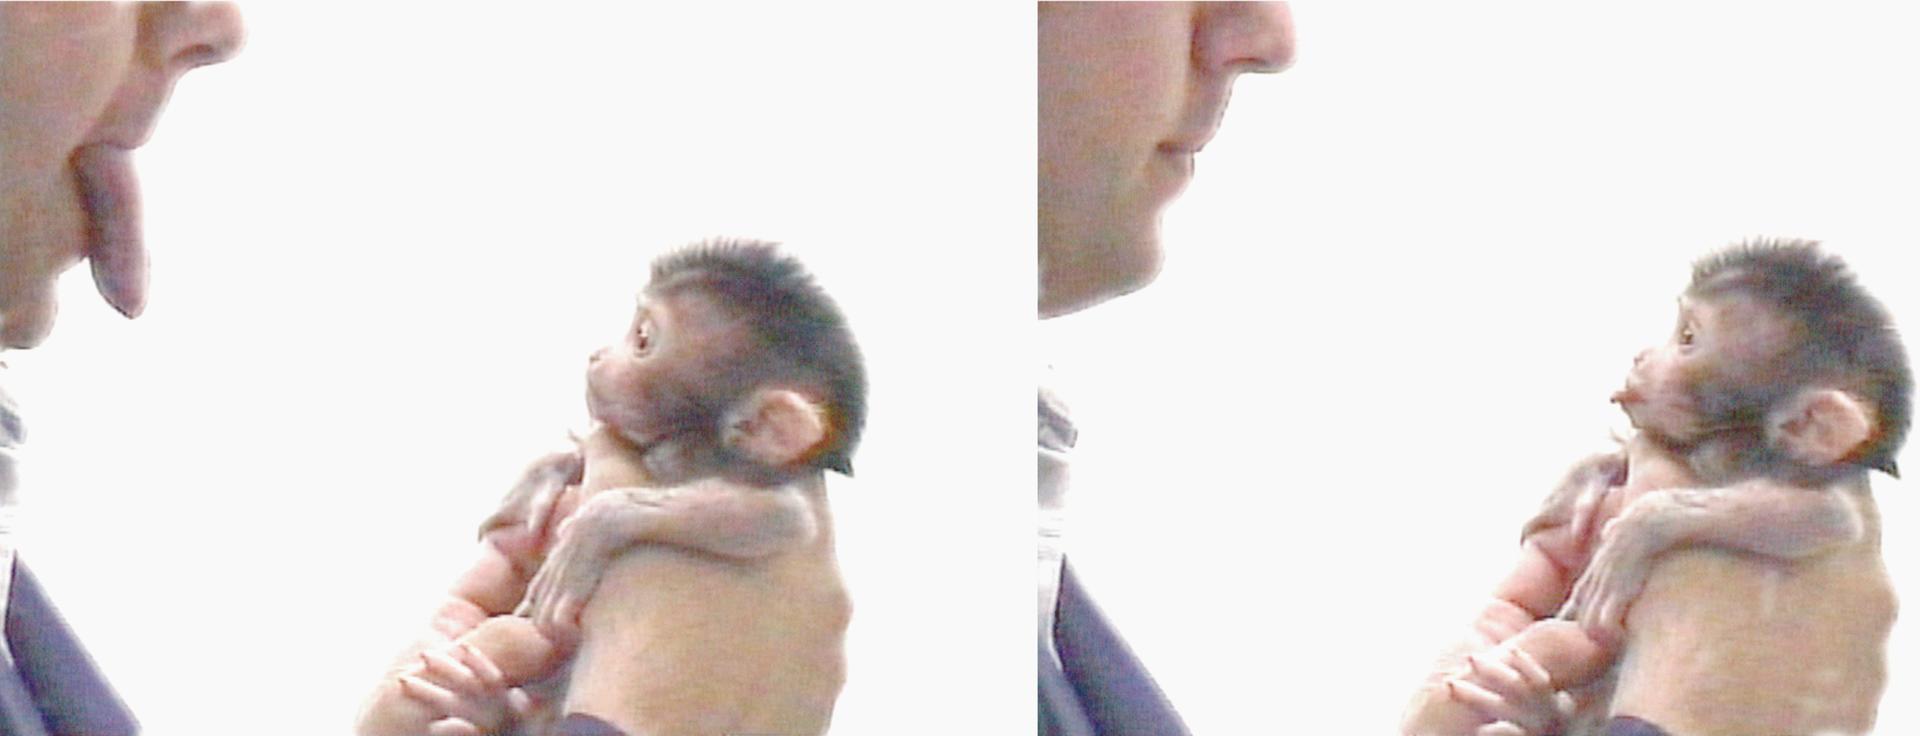 Neonatal (newborn) macaque imitating facial expressions